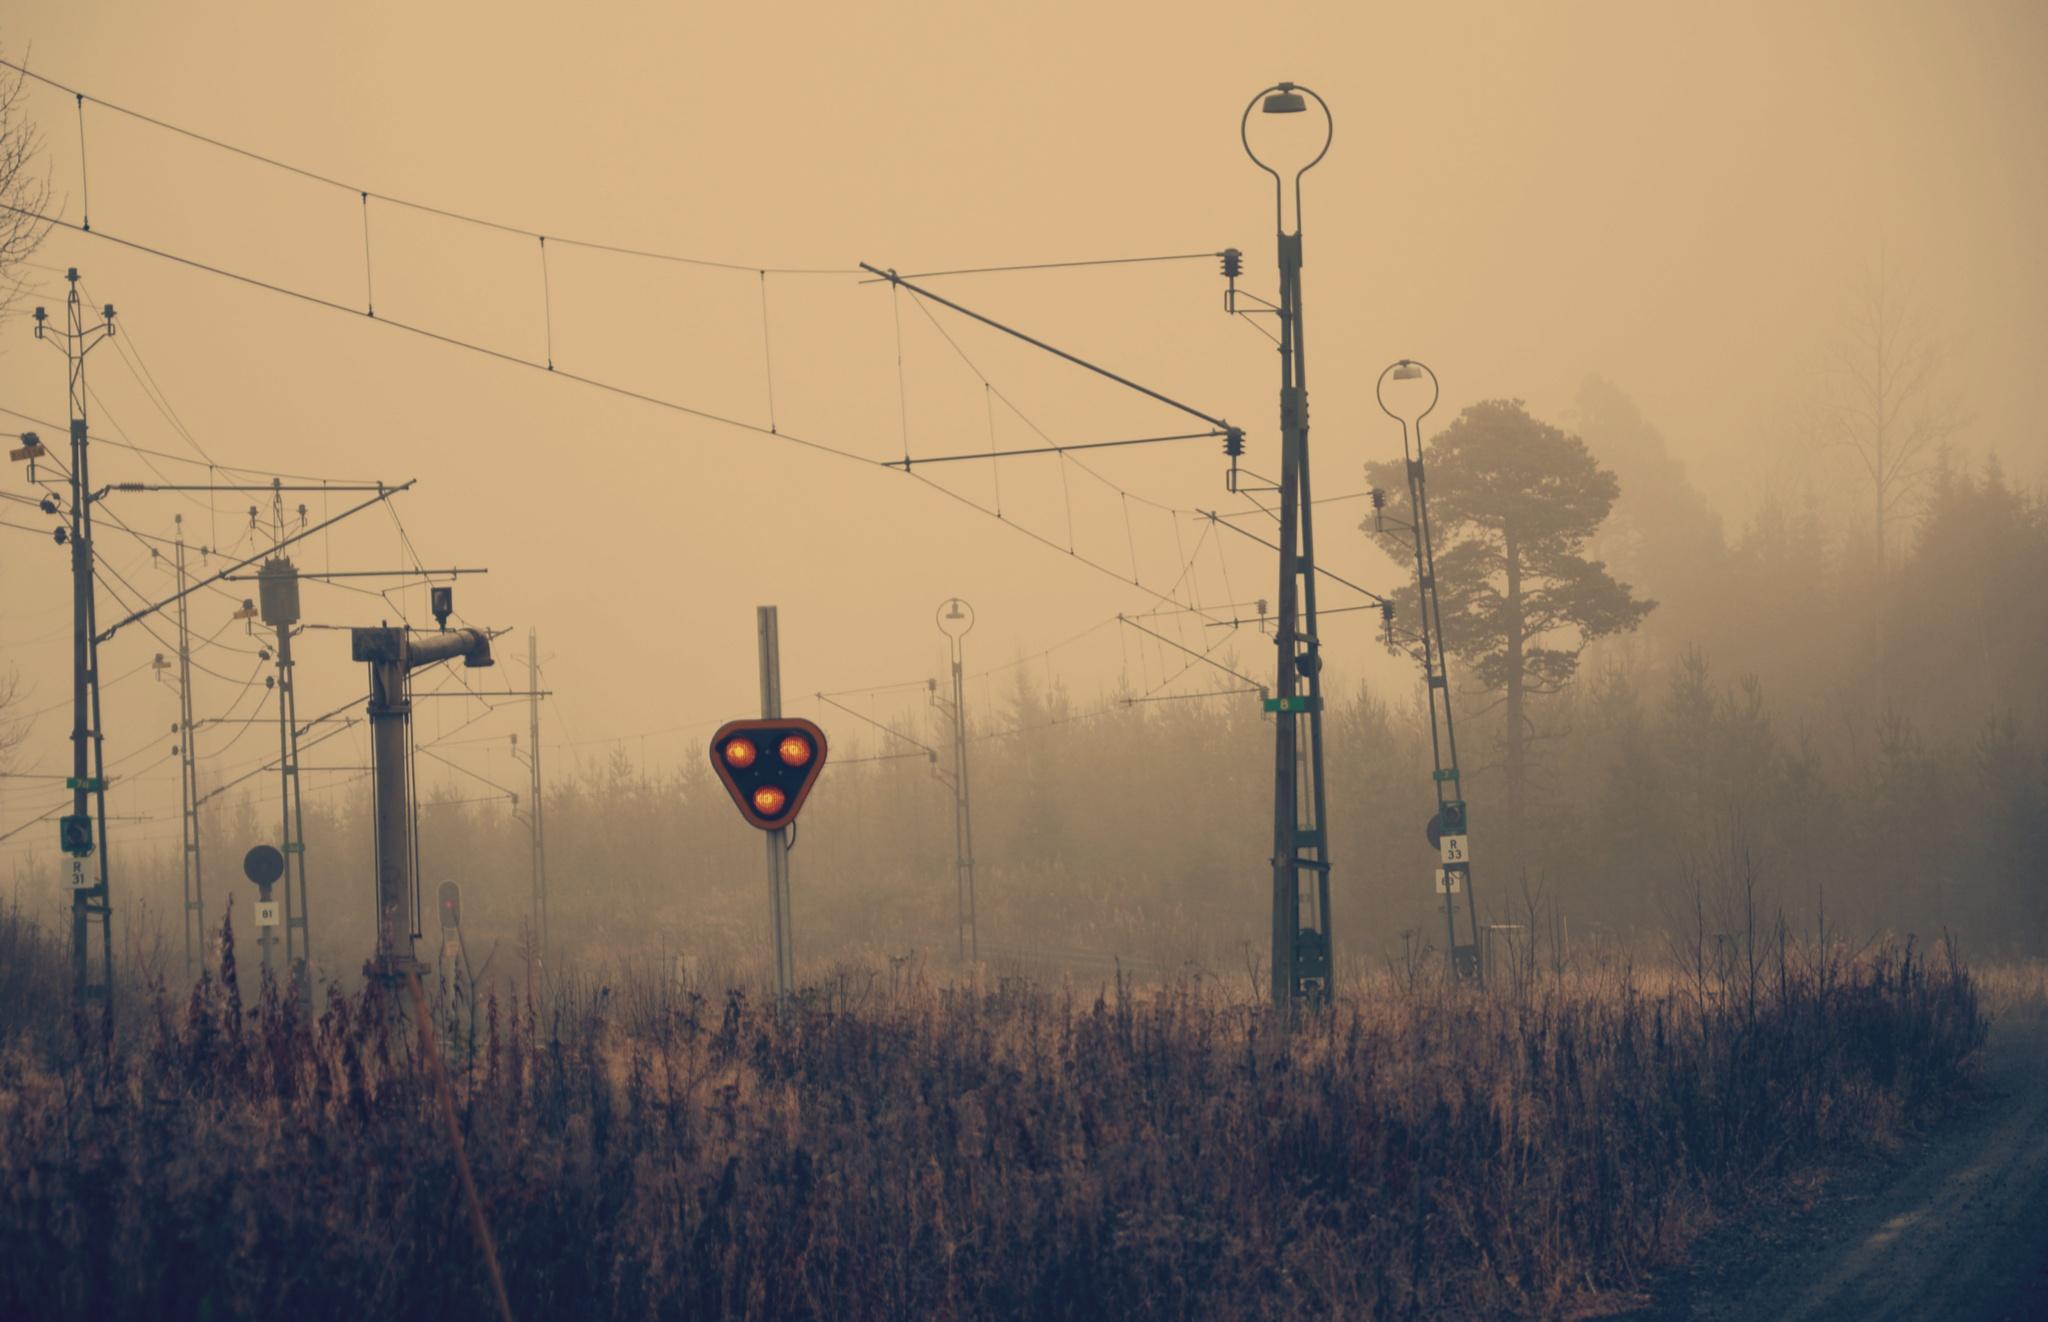 Järn vägen. by natalja.rybakova